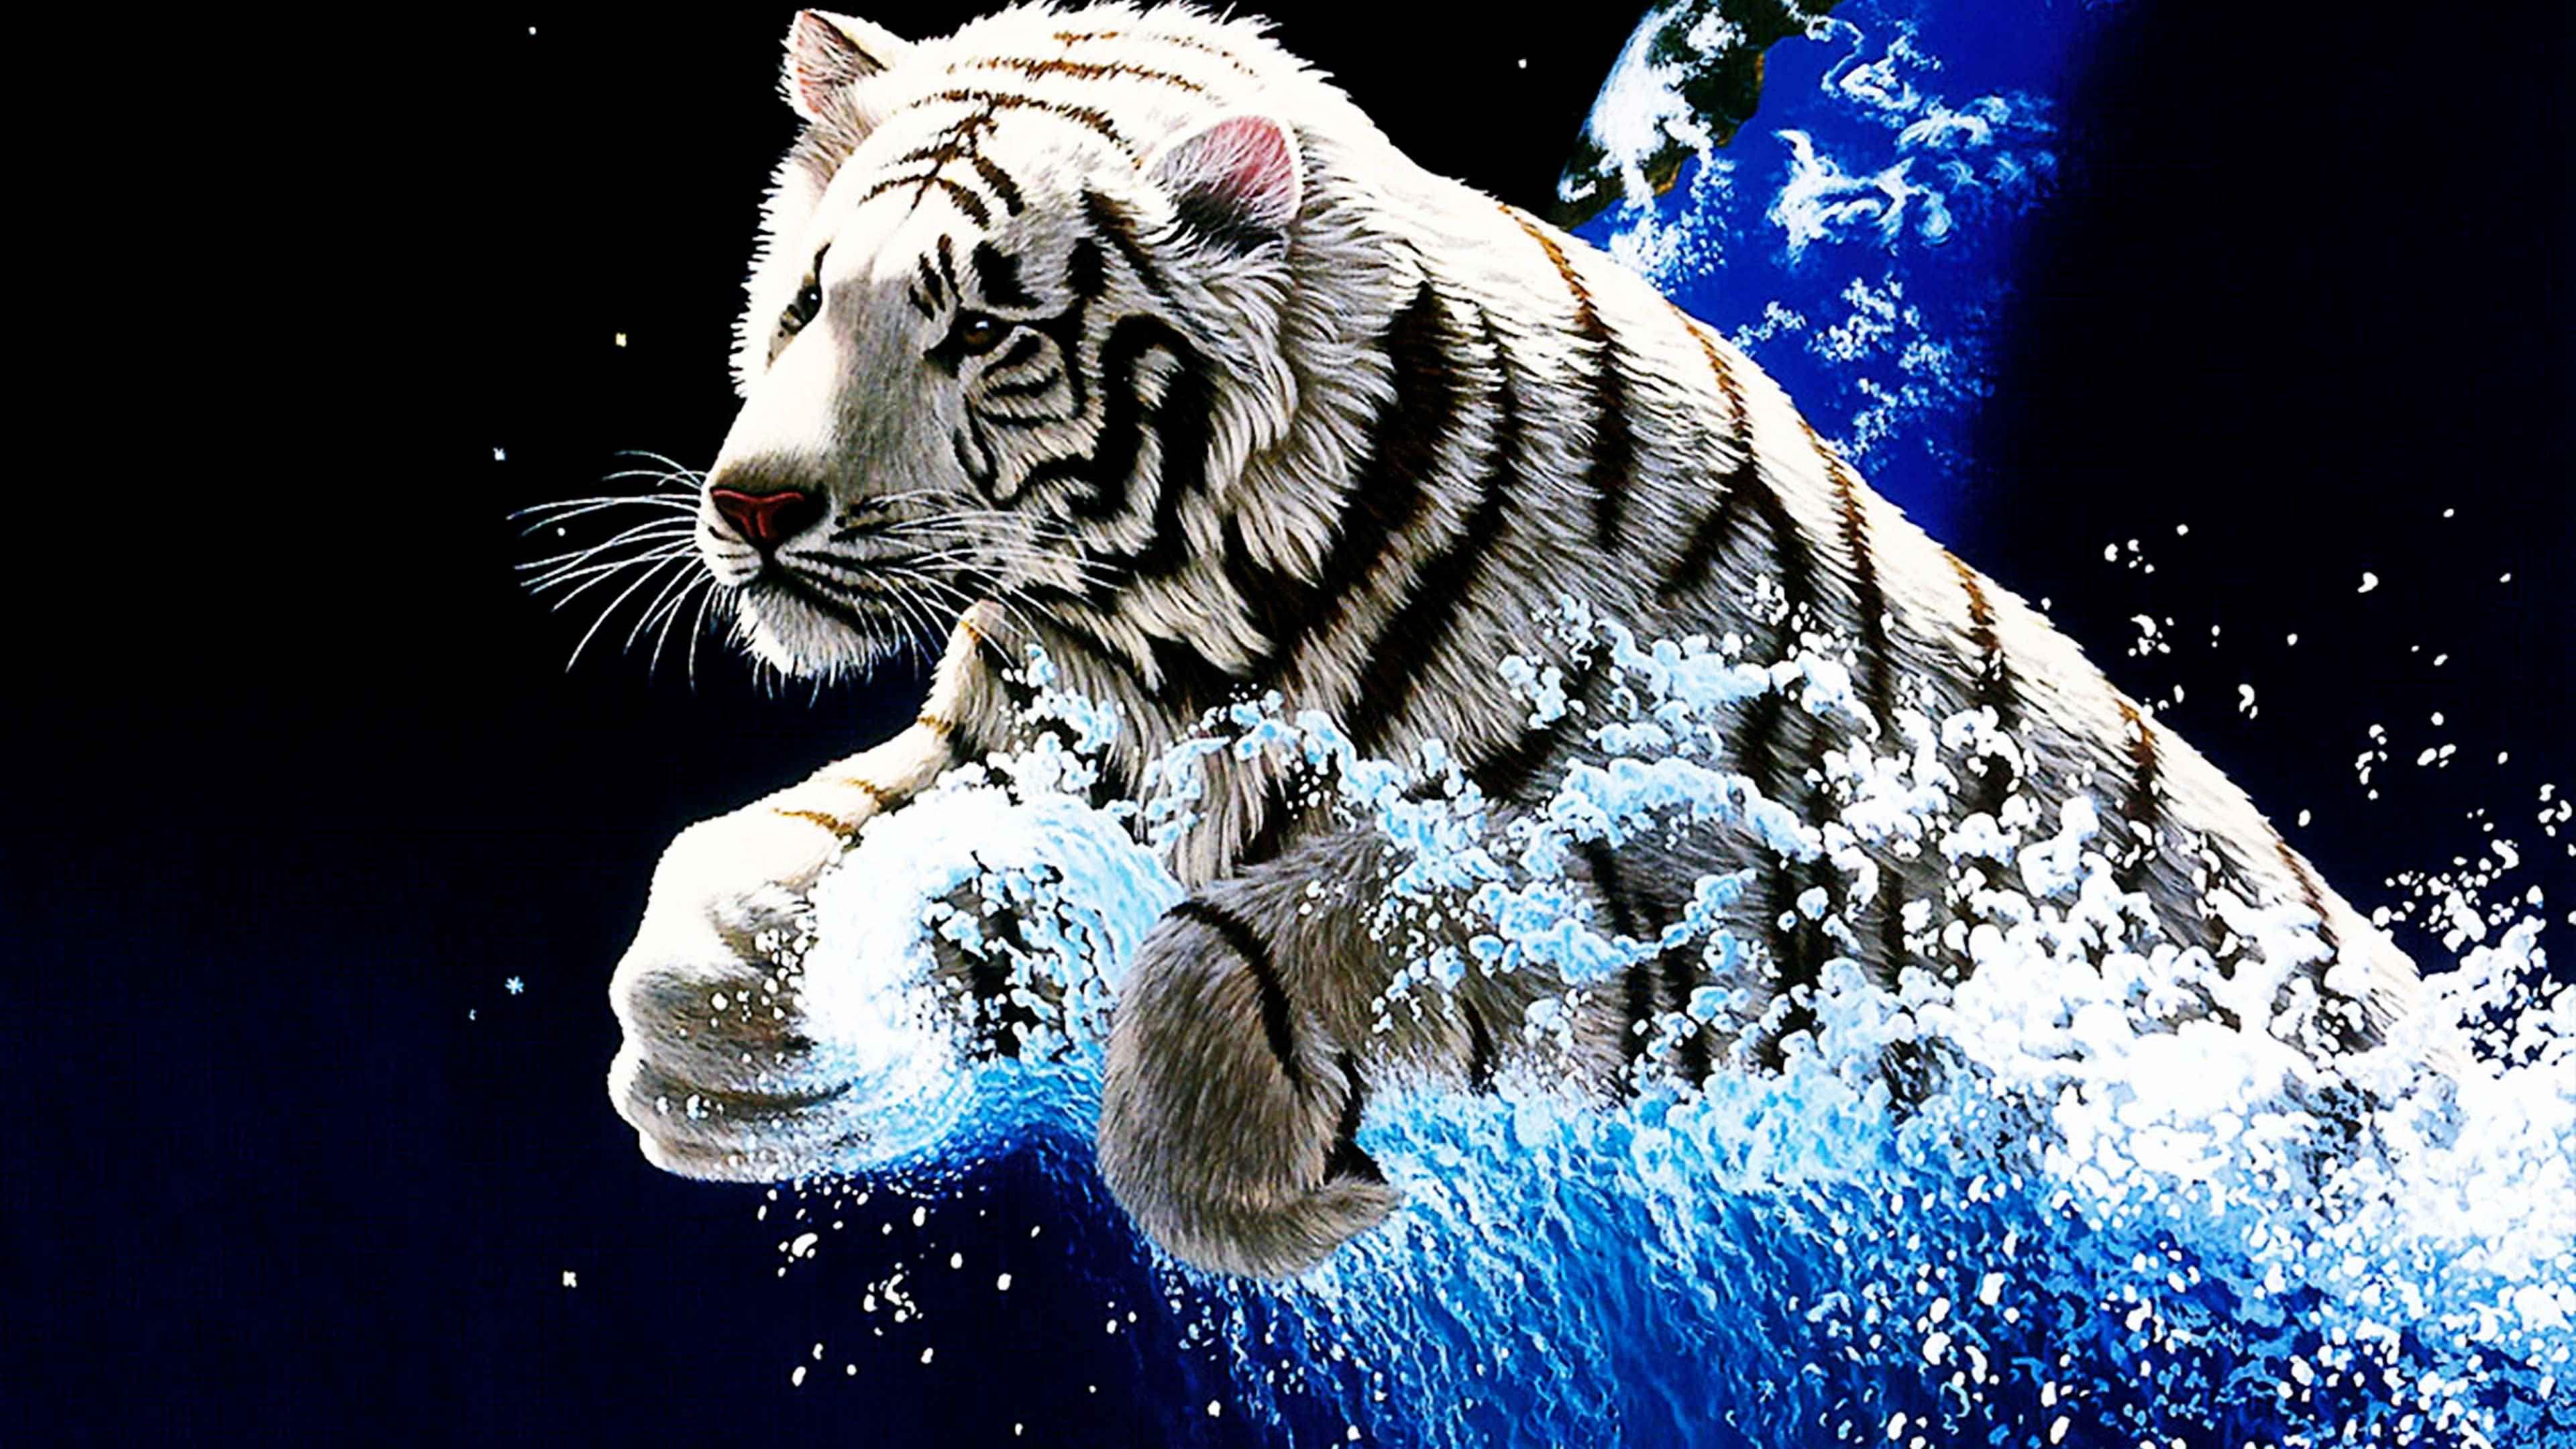 Tigger 3D Wallpapers   Top Tigger 3D Backgrounds 3840x2160